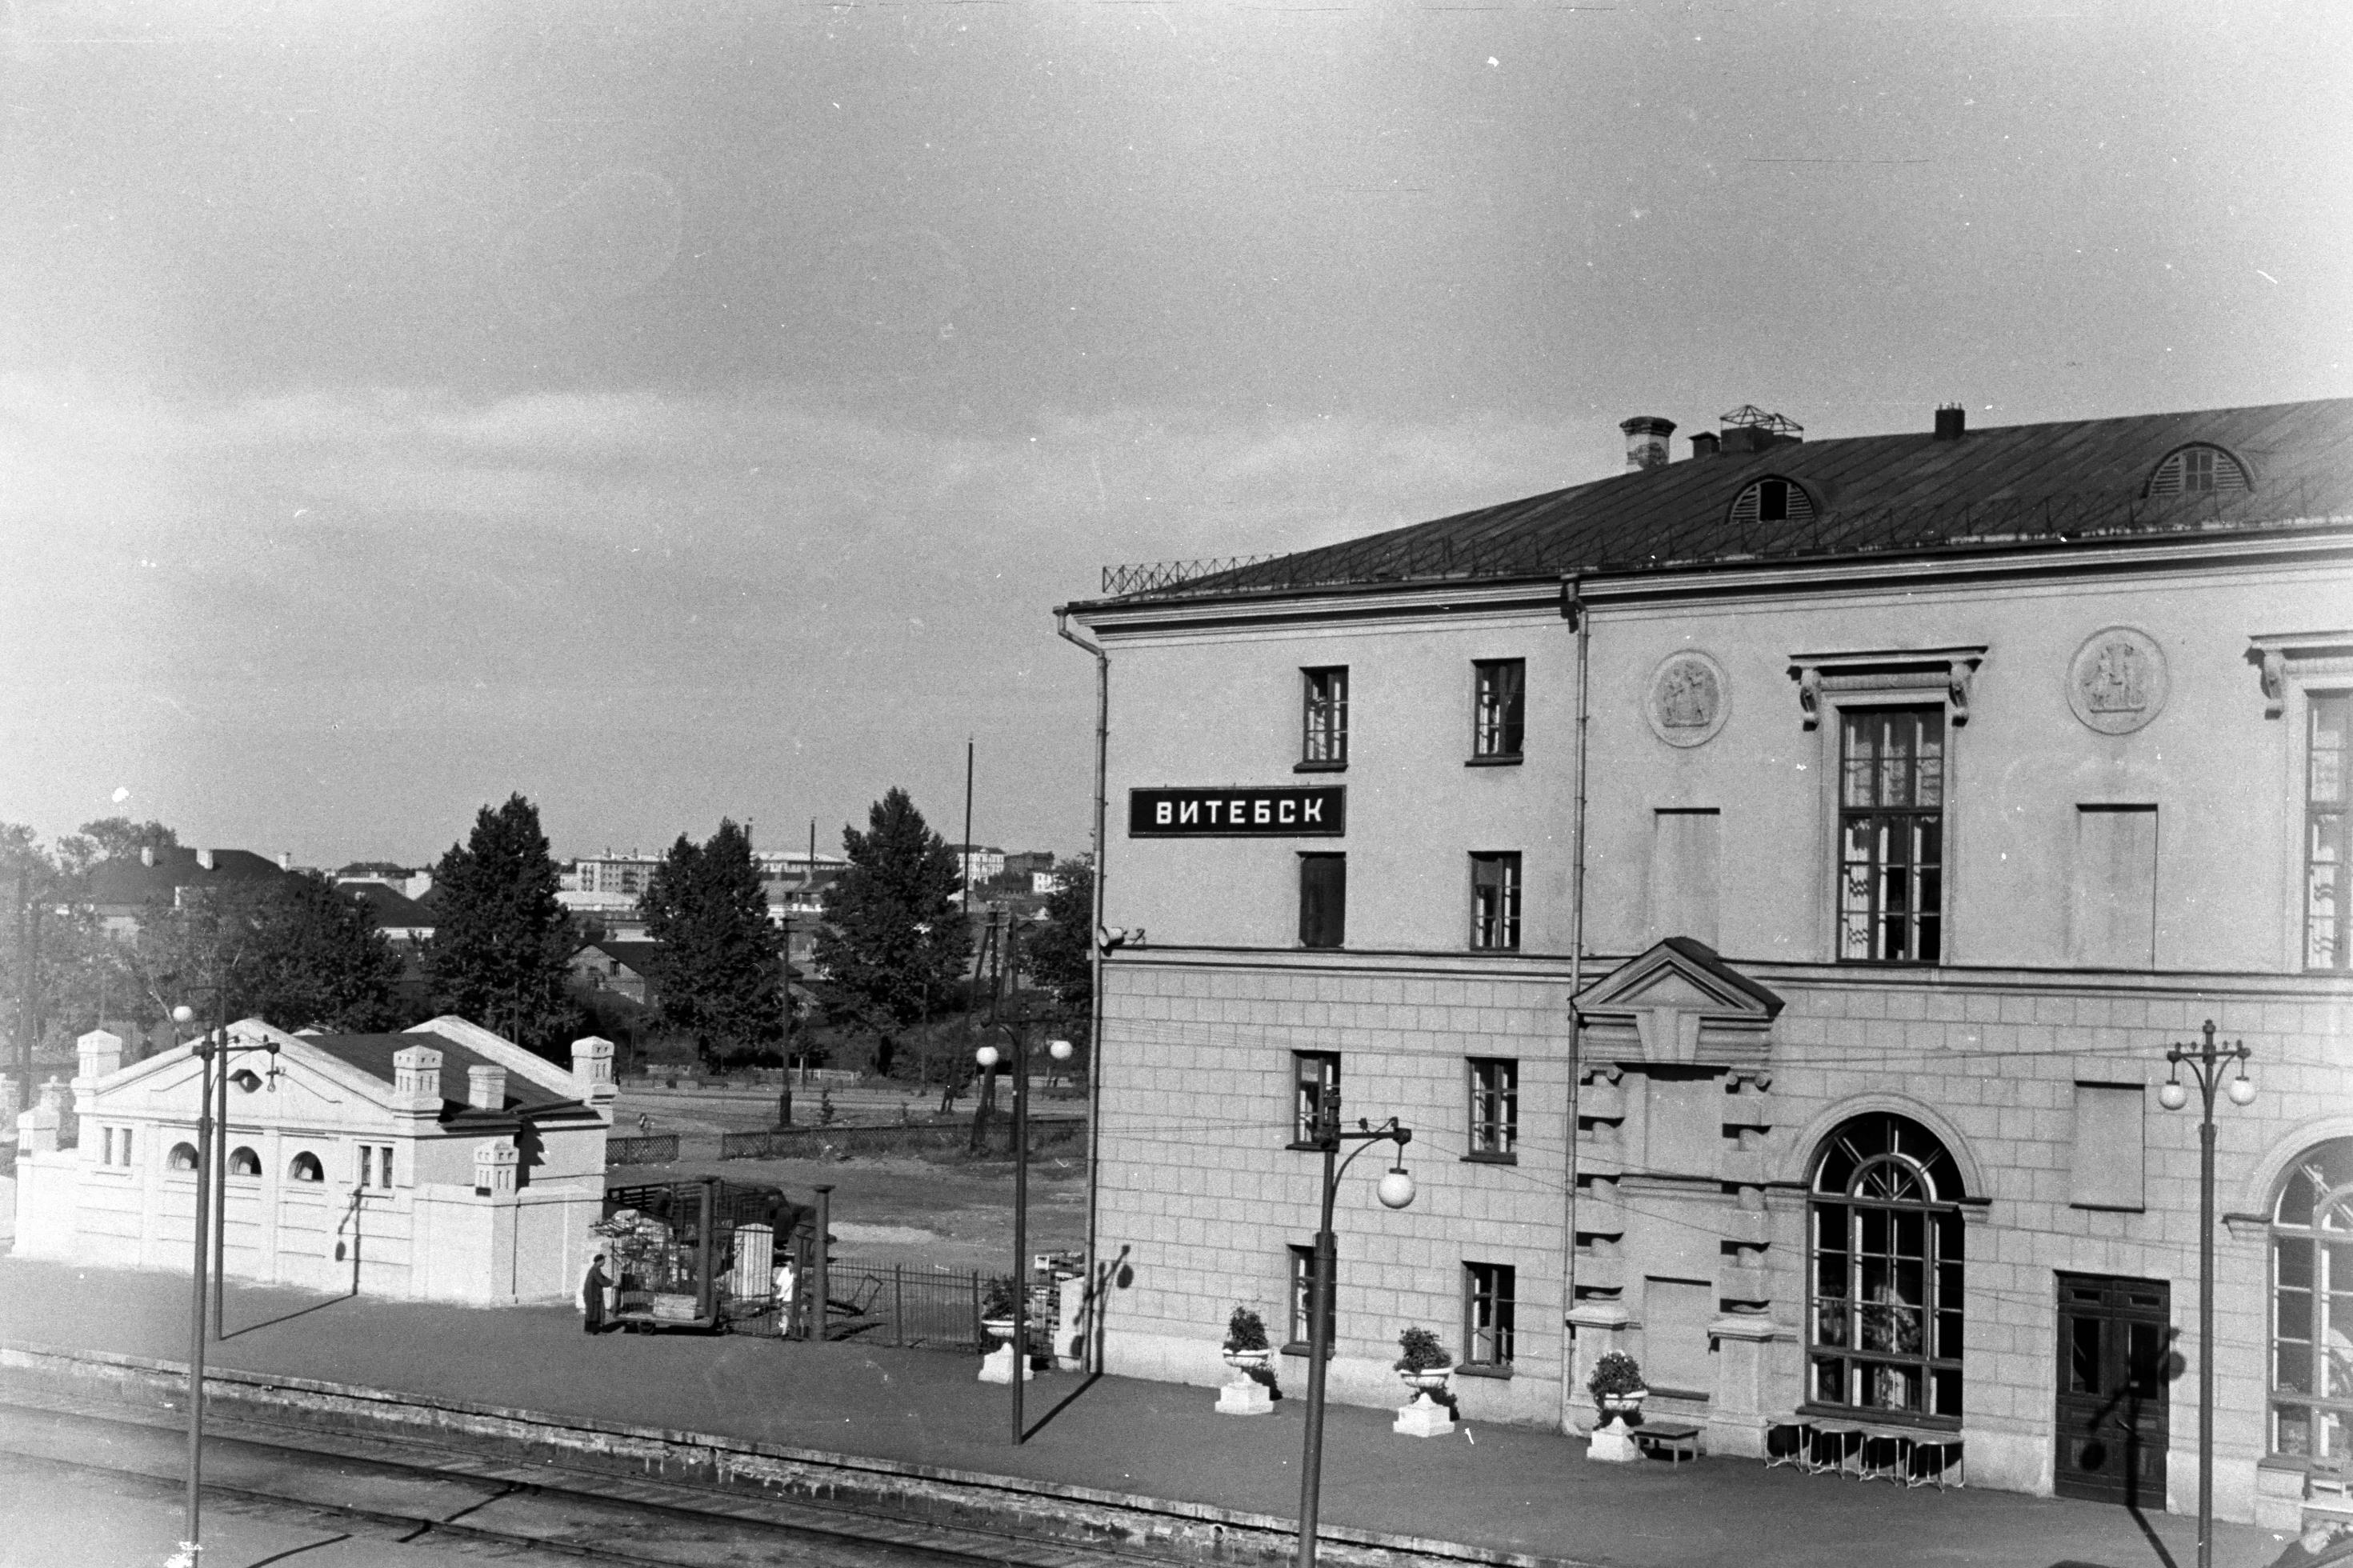 Витебск. Железнодорожный вокзал